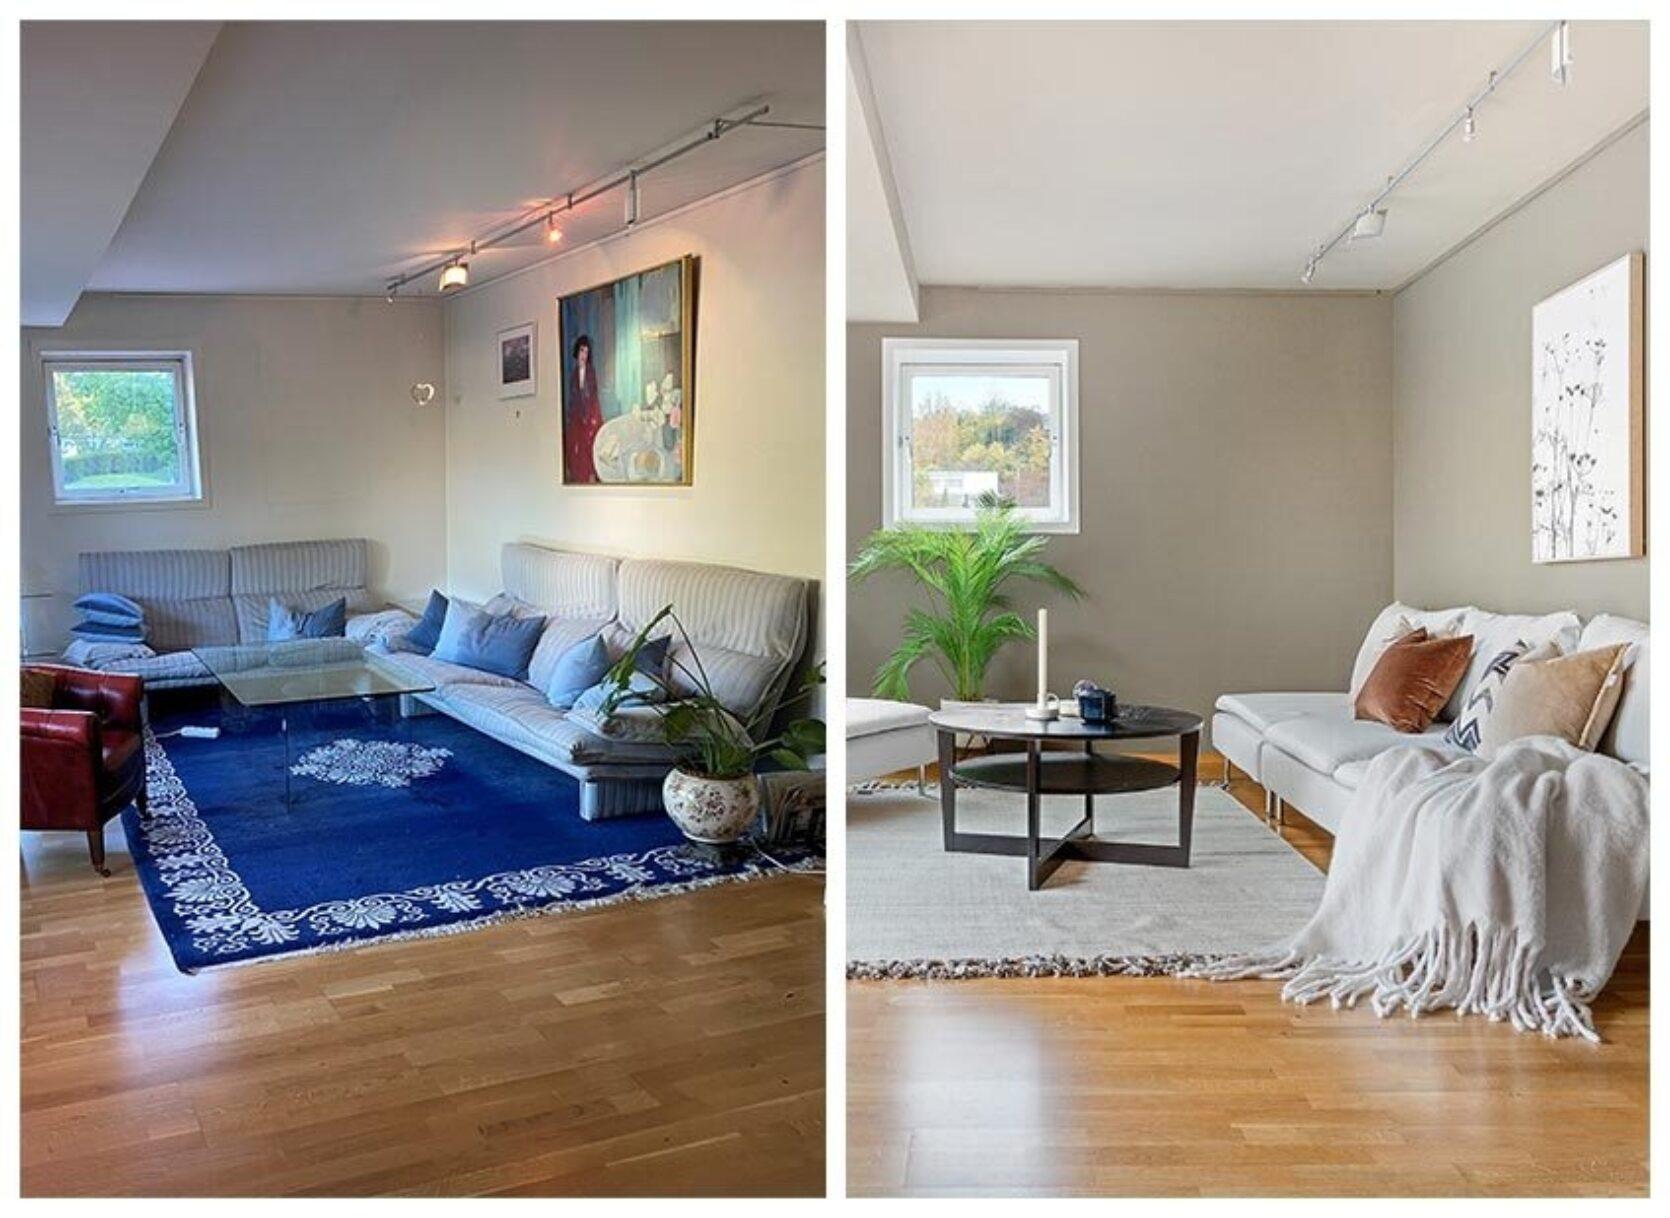 Før og etter av en stue. Riktige farger skaper riktig inntrykk.